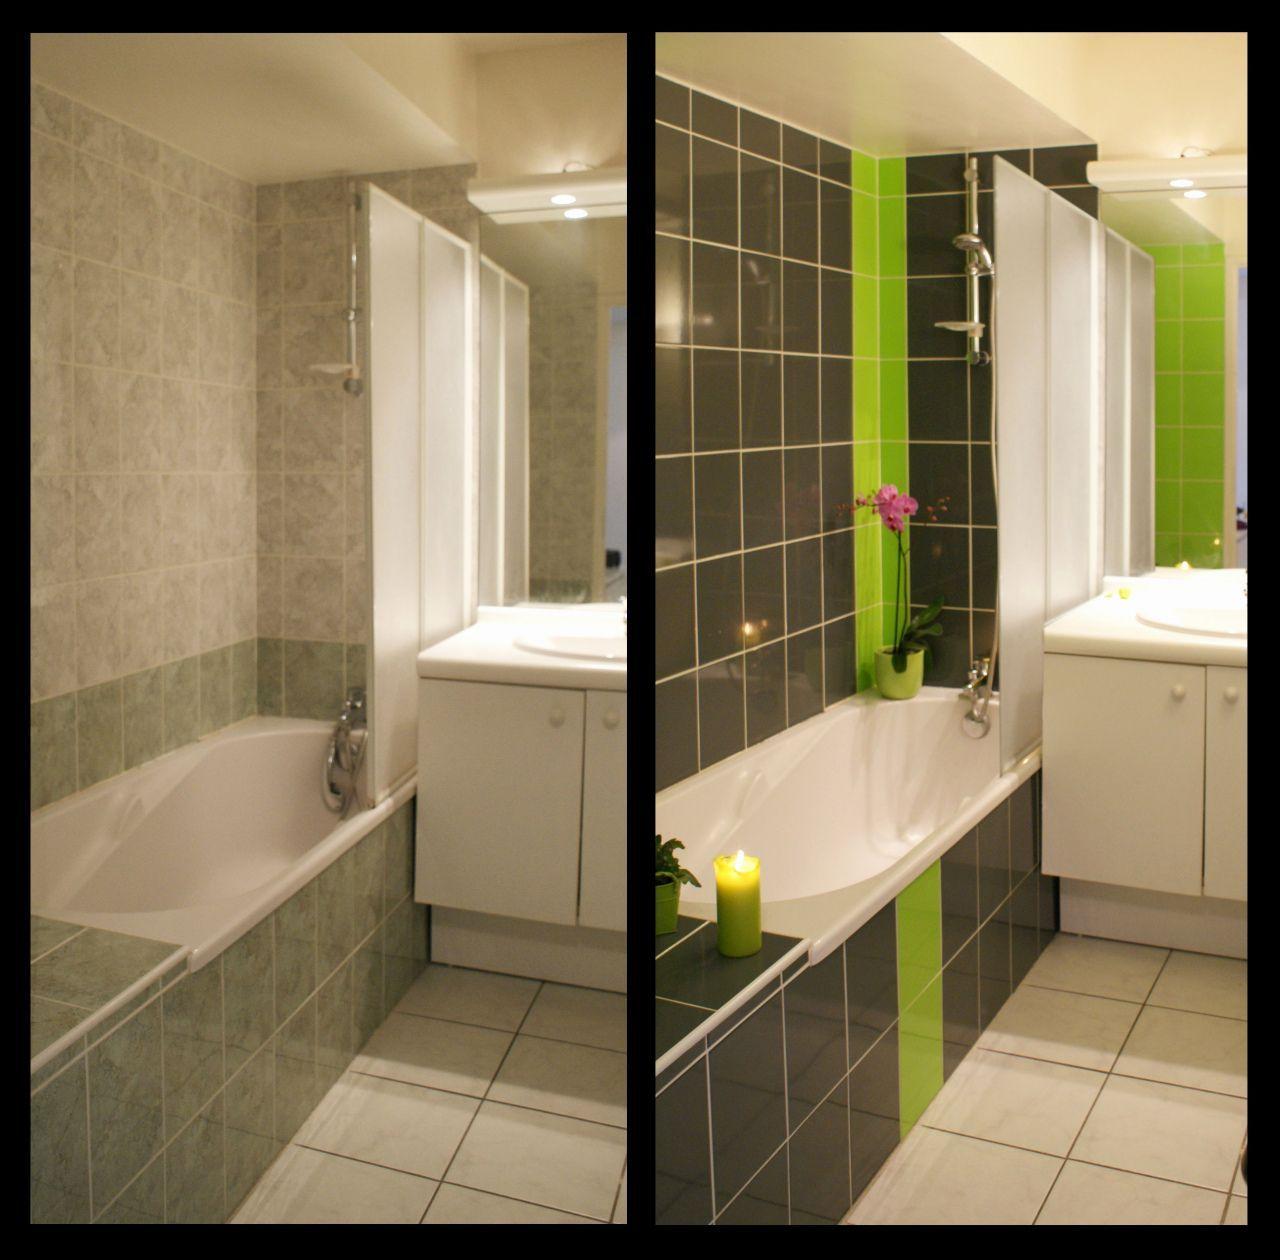 Salle De Bain Moderne 7M2 55 plan salle de bain 7m2 février 2018   idée salle de bain